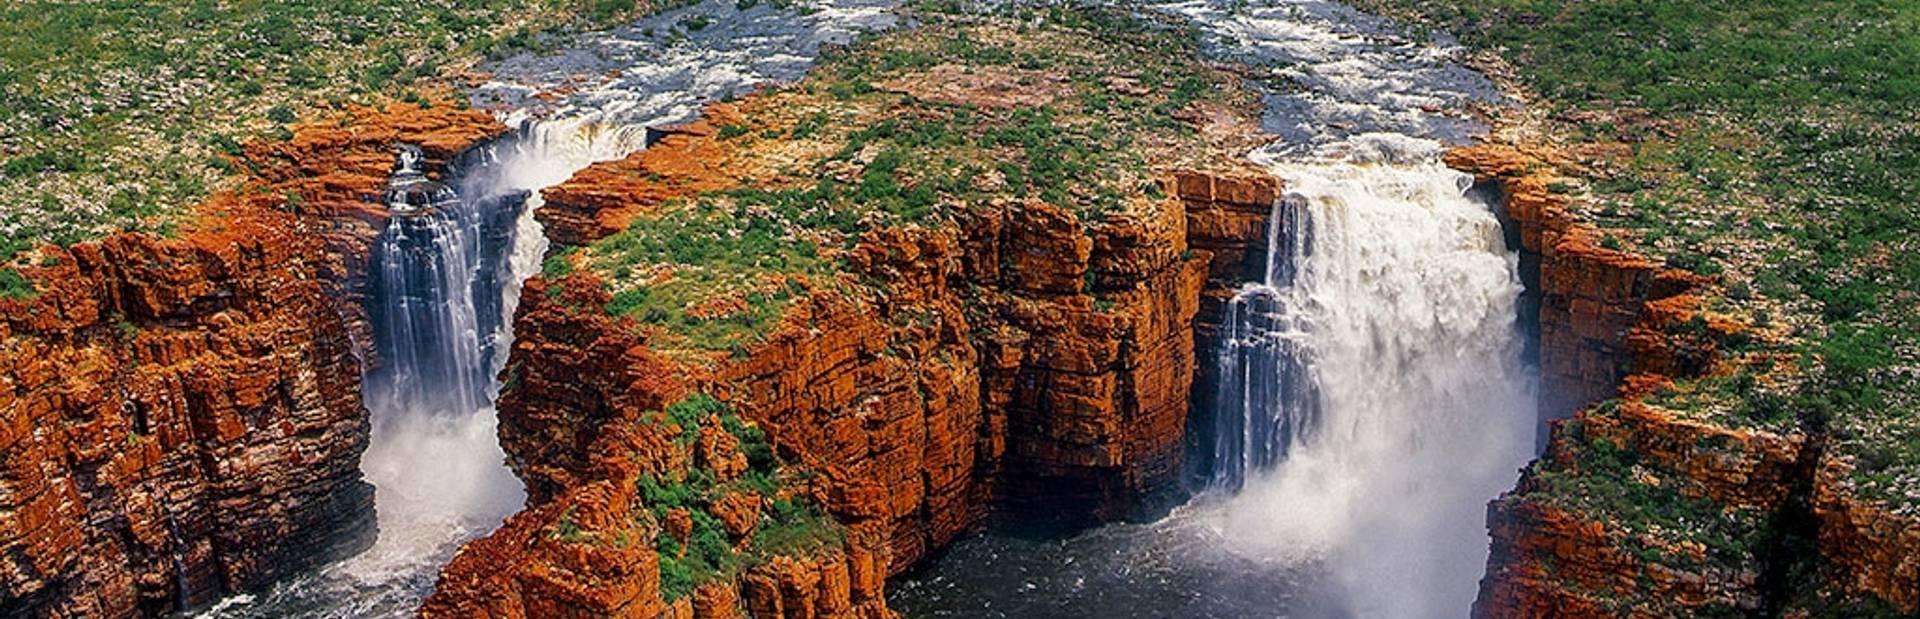 The Kimberley photo tour